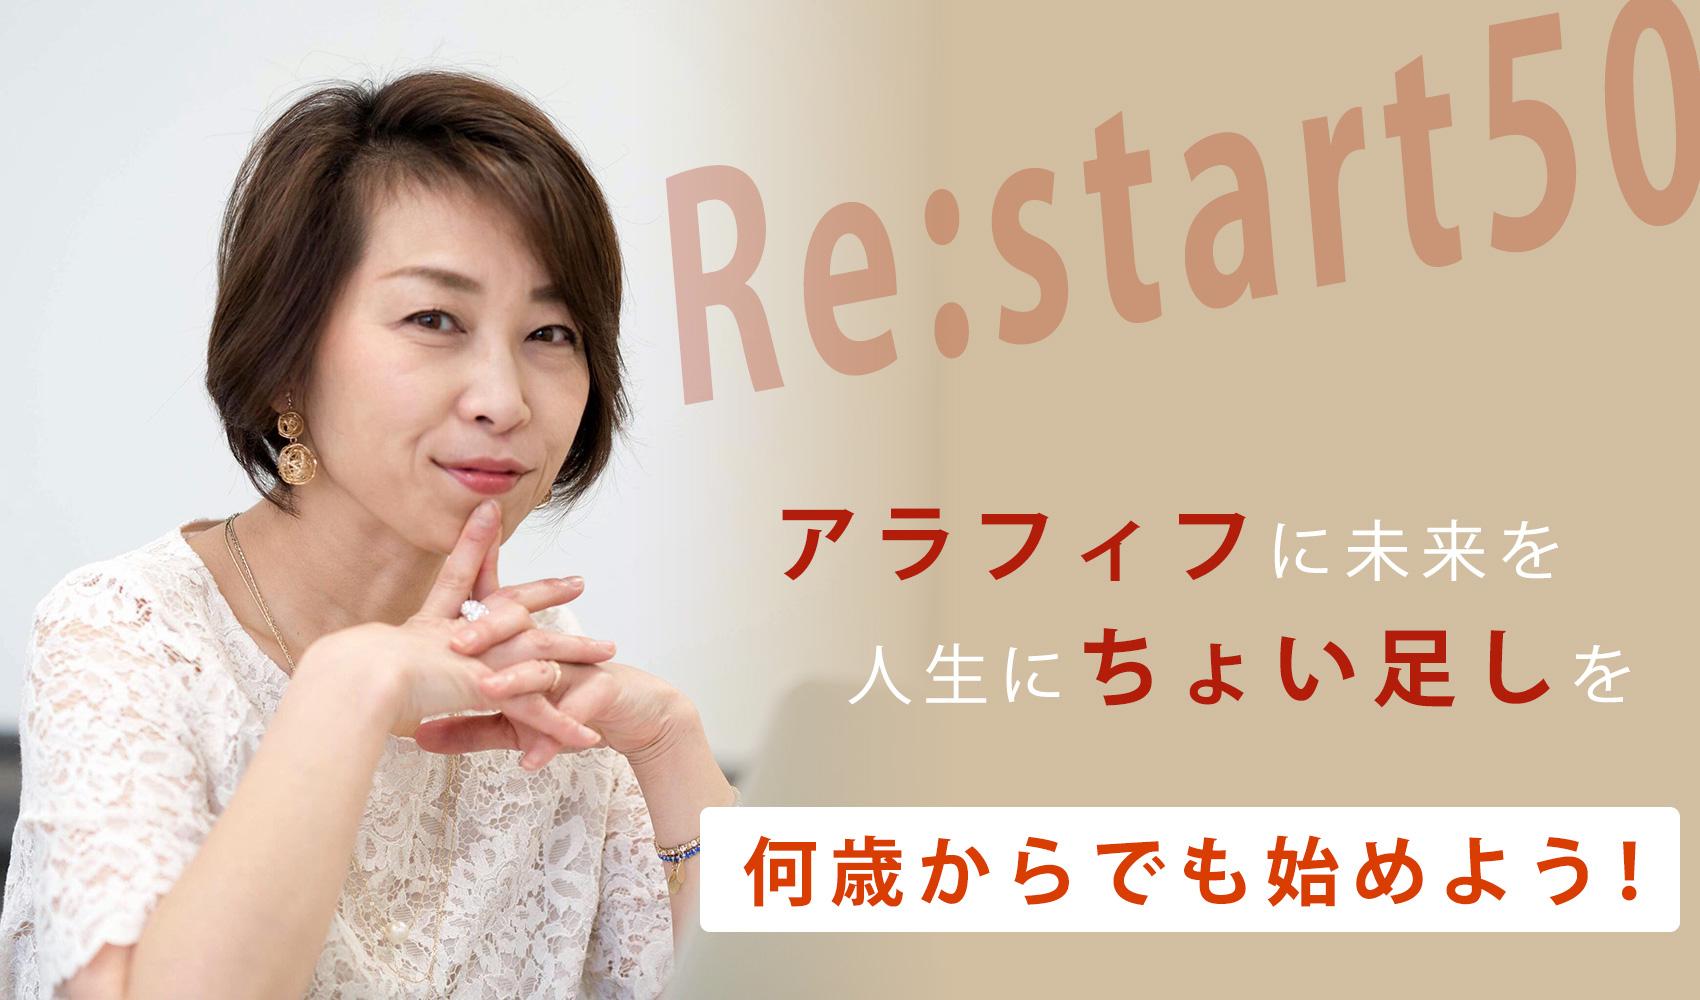 Restart 50